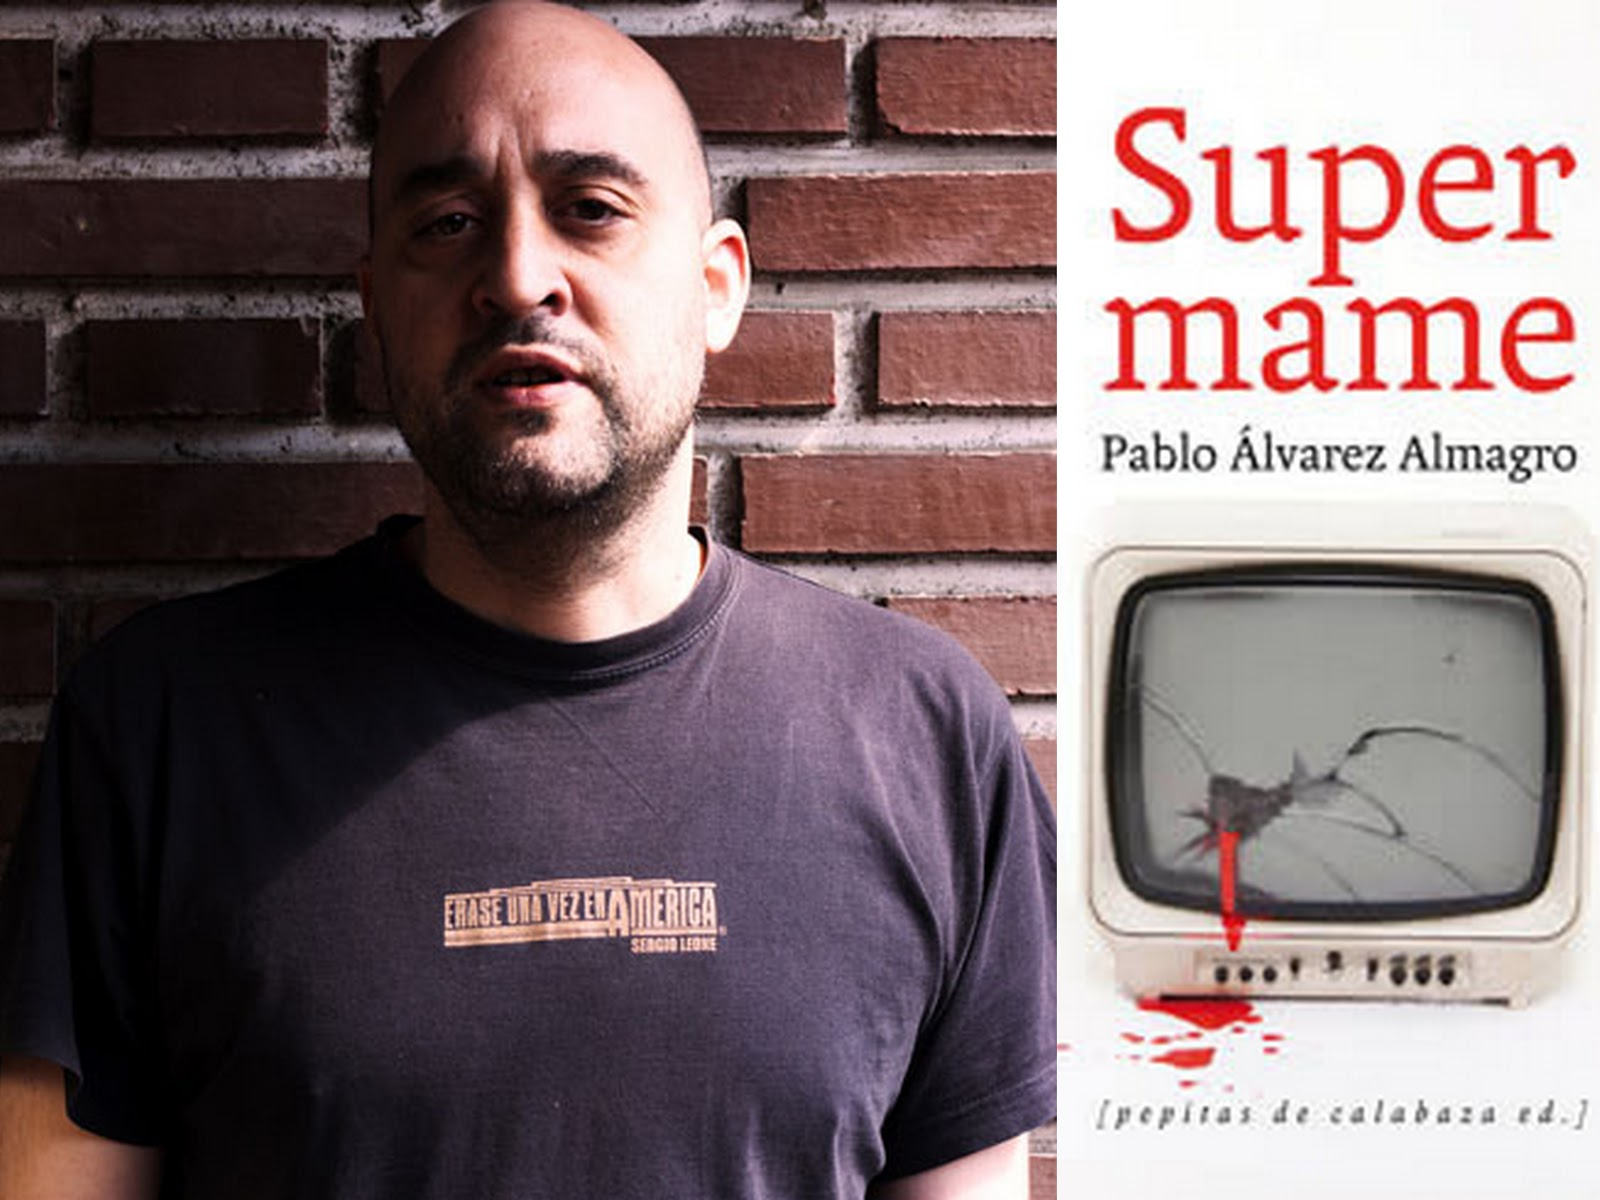 Grandes Personas Humanas I: Pablo Álvarez Almagro (El Flaqui)